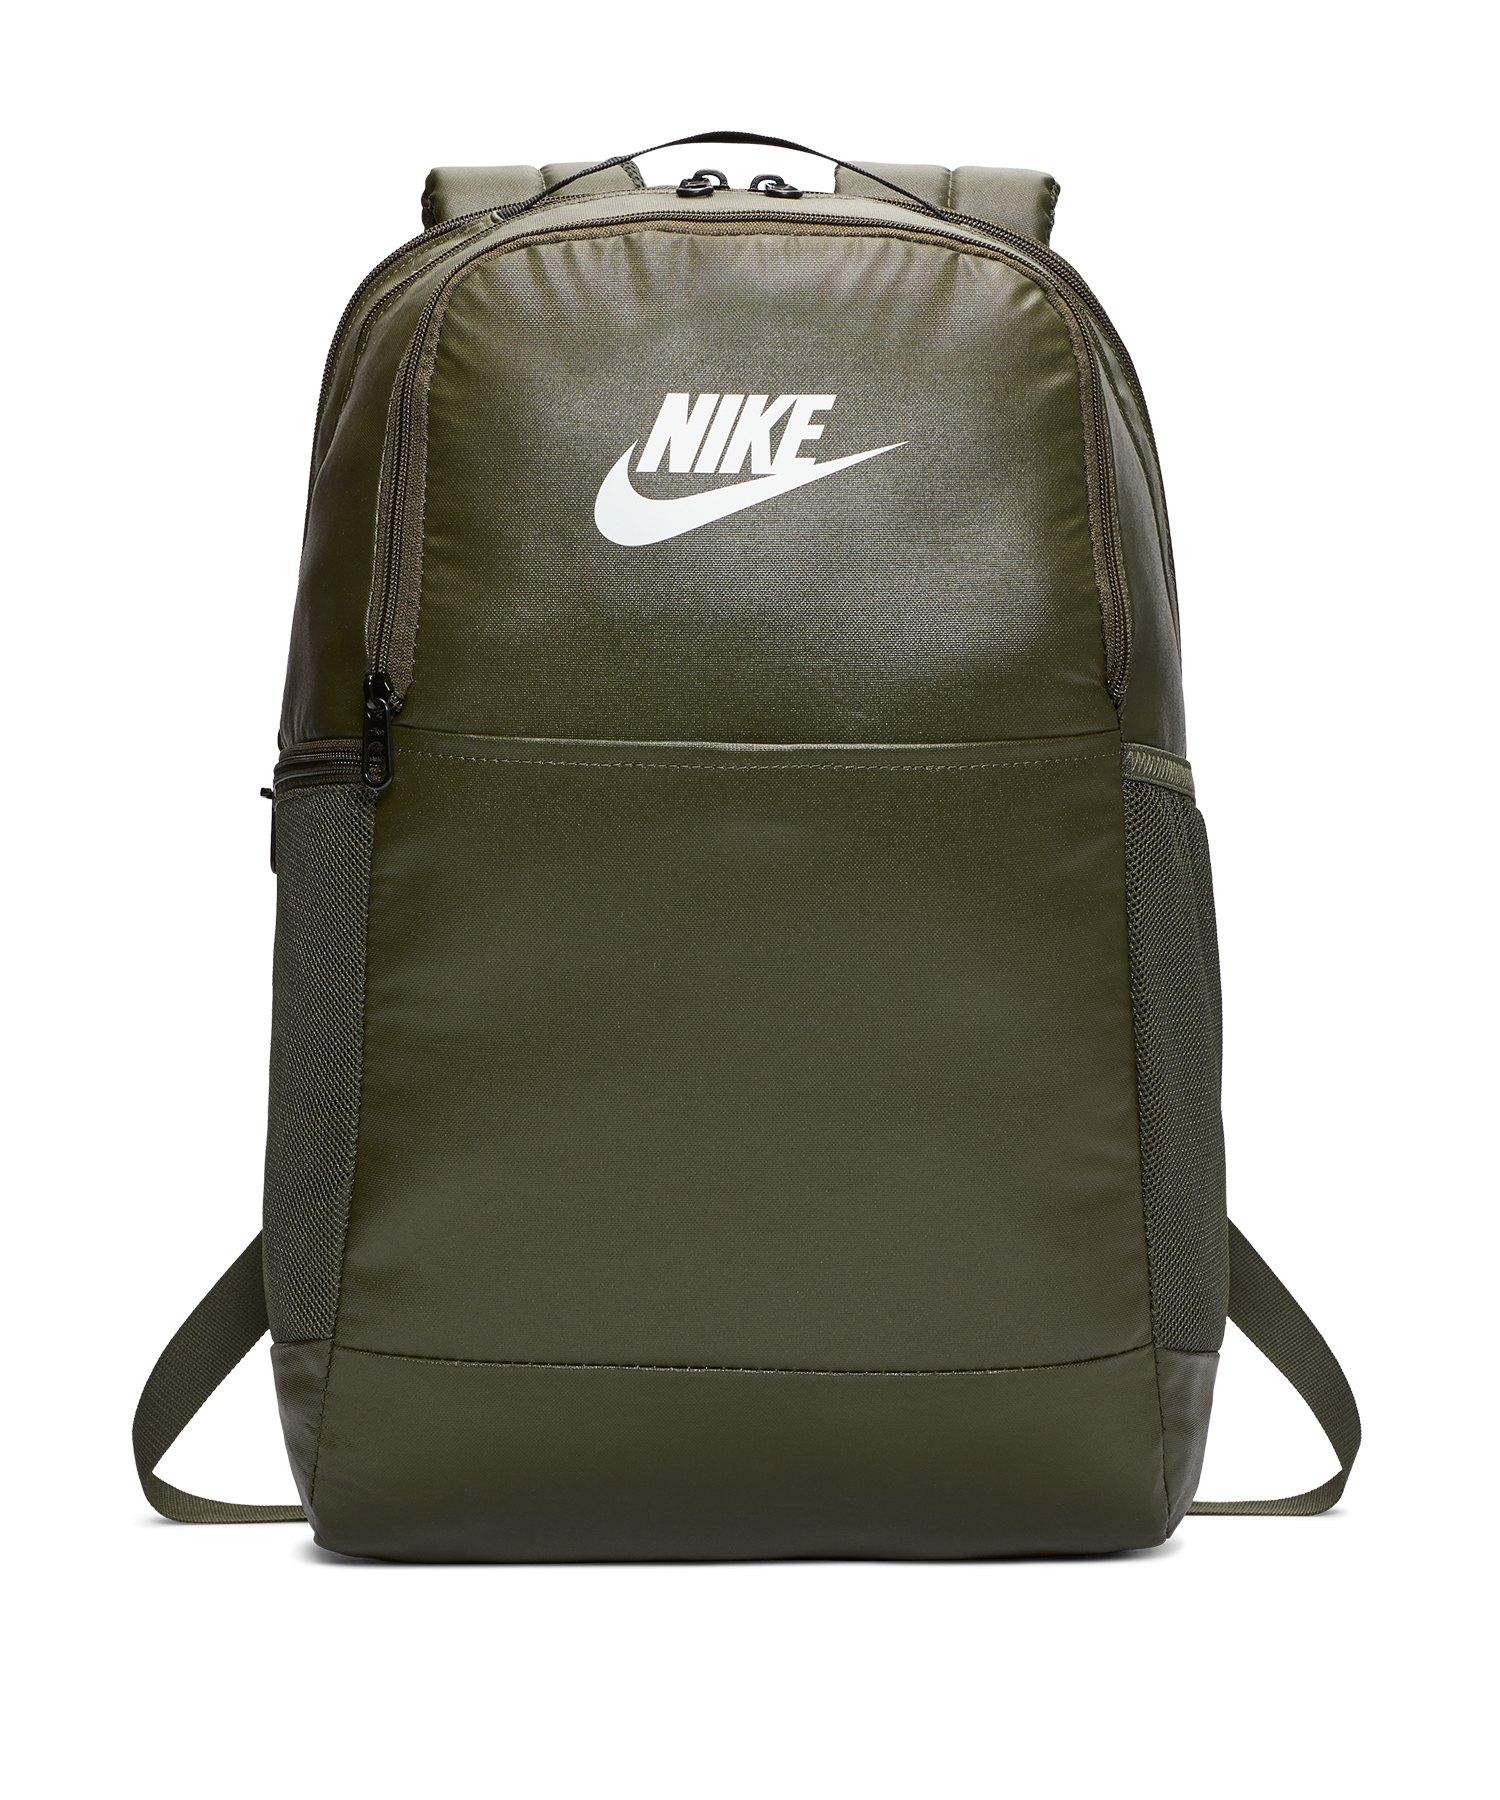 Nike Brasilia Training Rucksack Medium Grün F325 - gruen